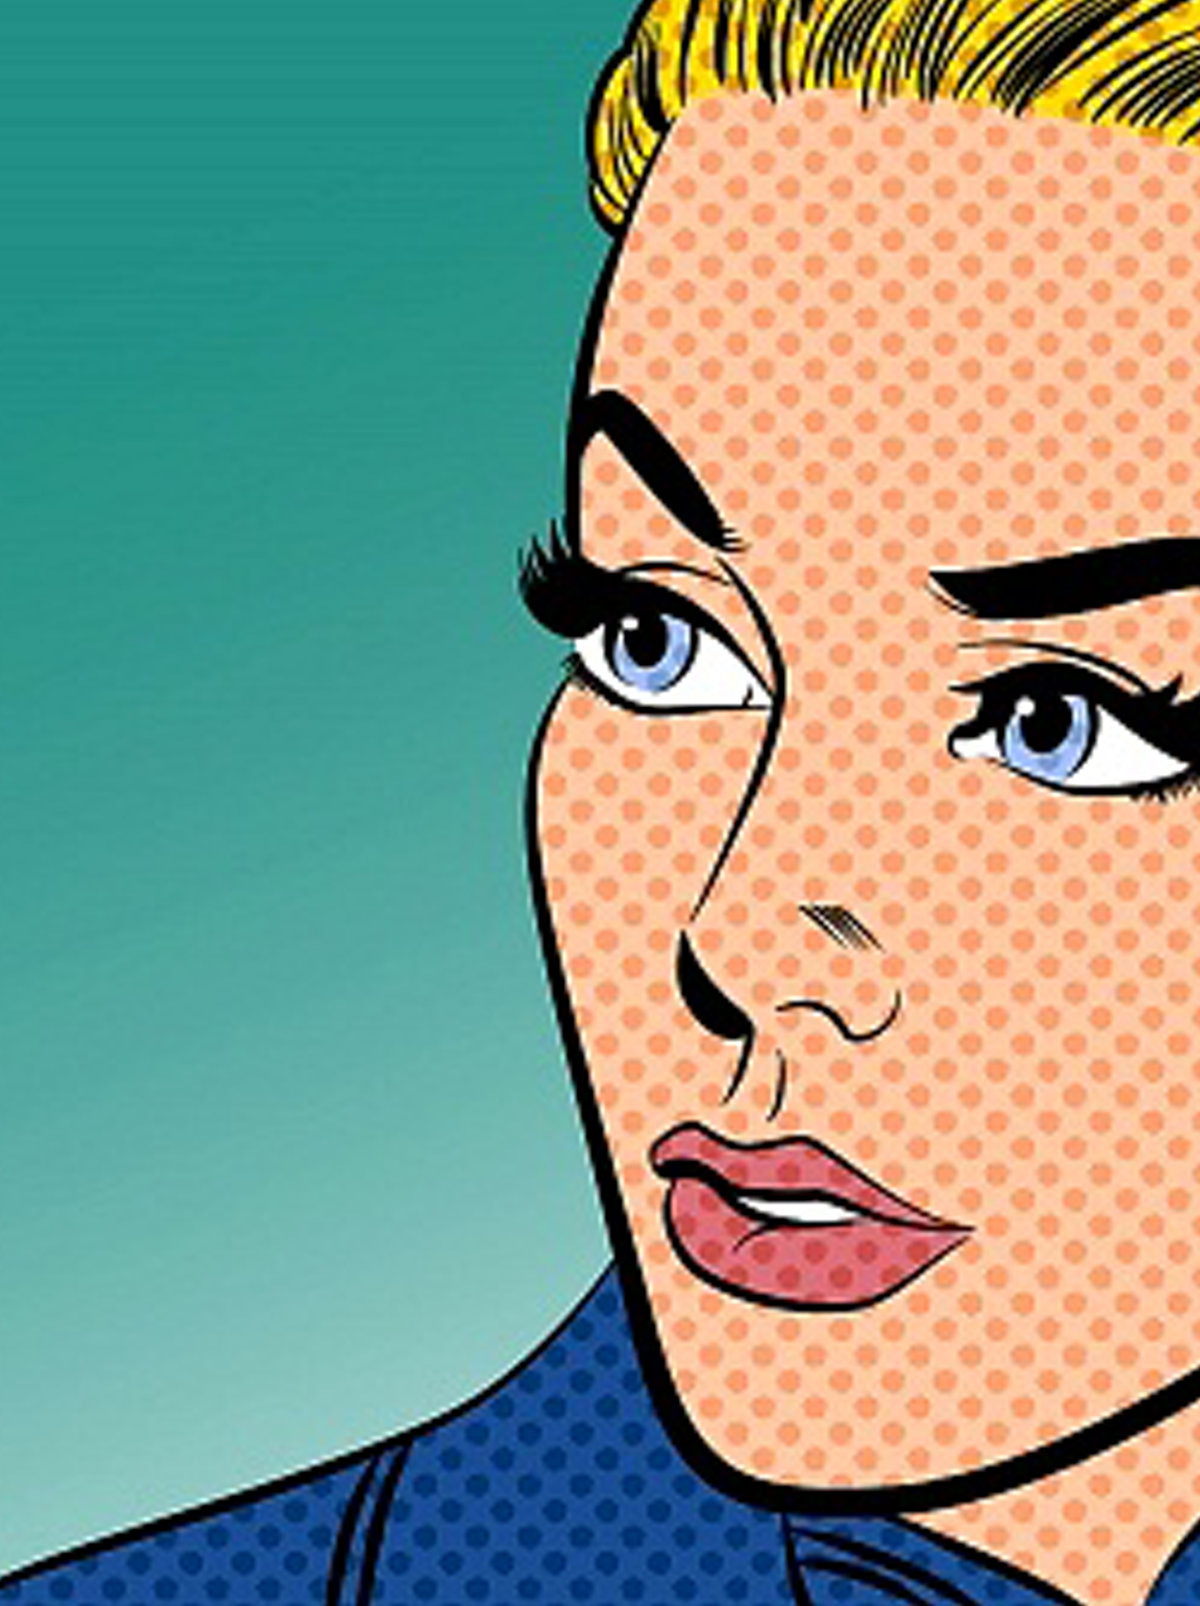 Девушка комикс картинка